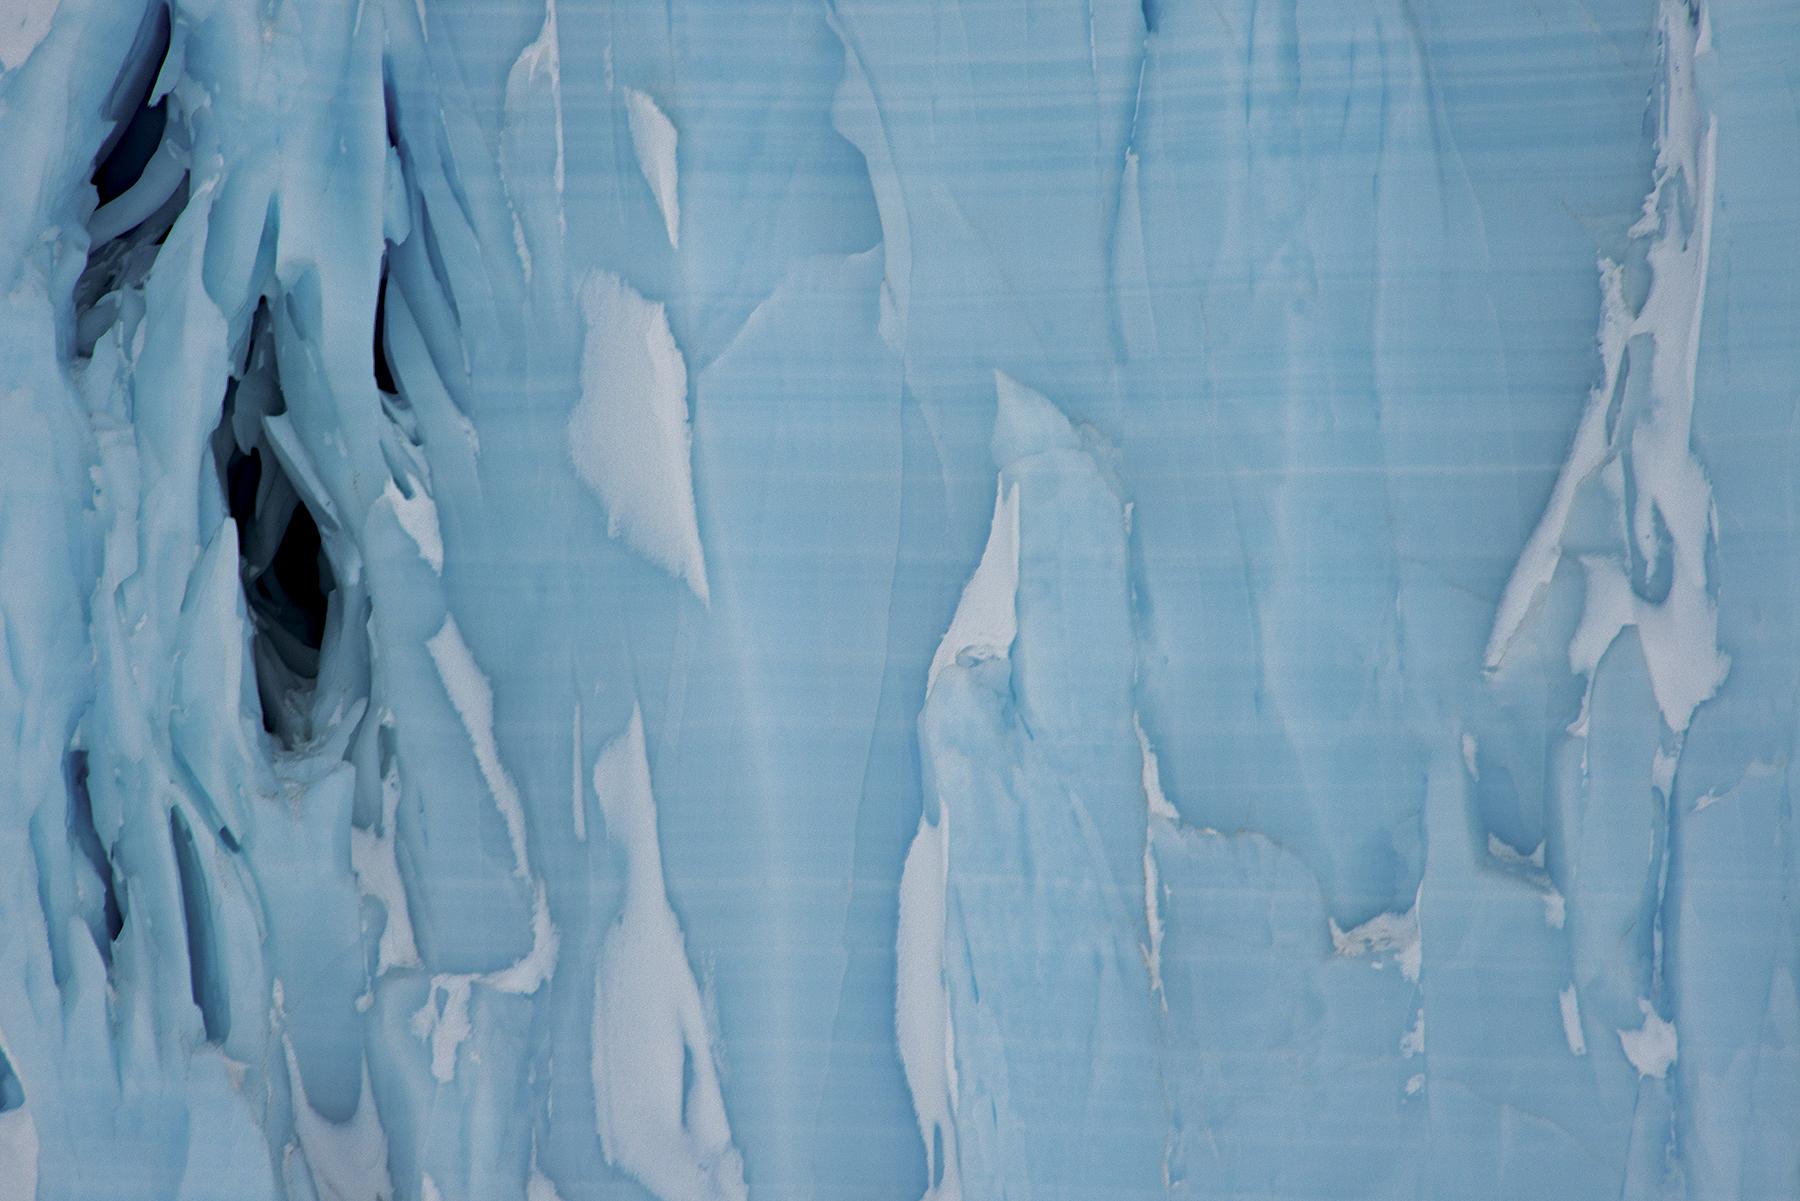 Glacial Composition, Cape Evans